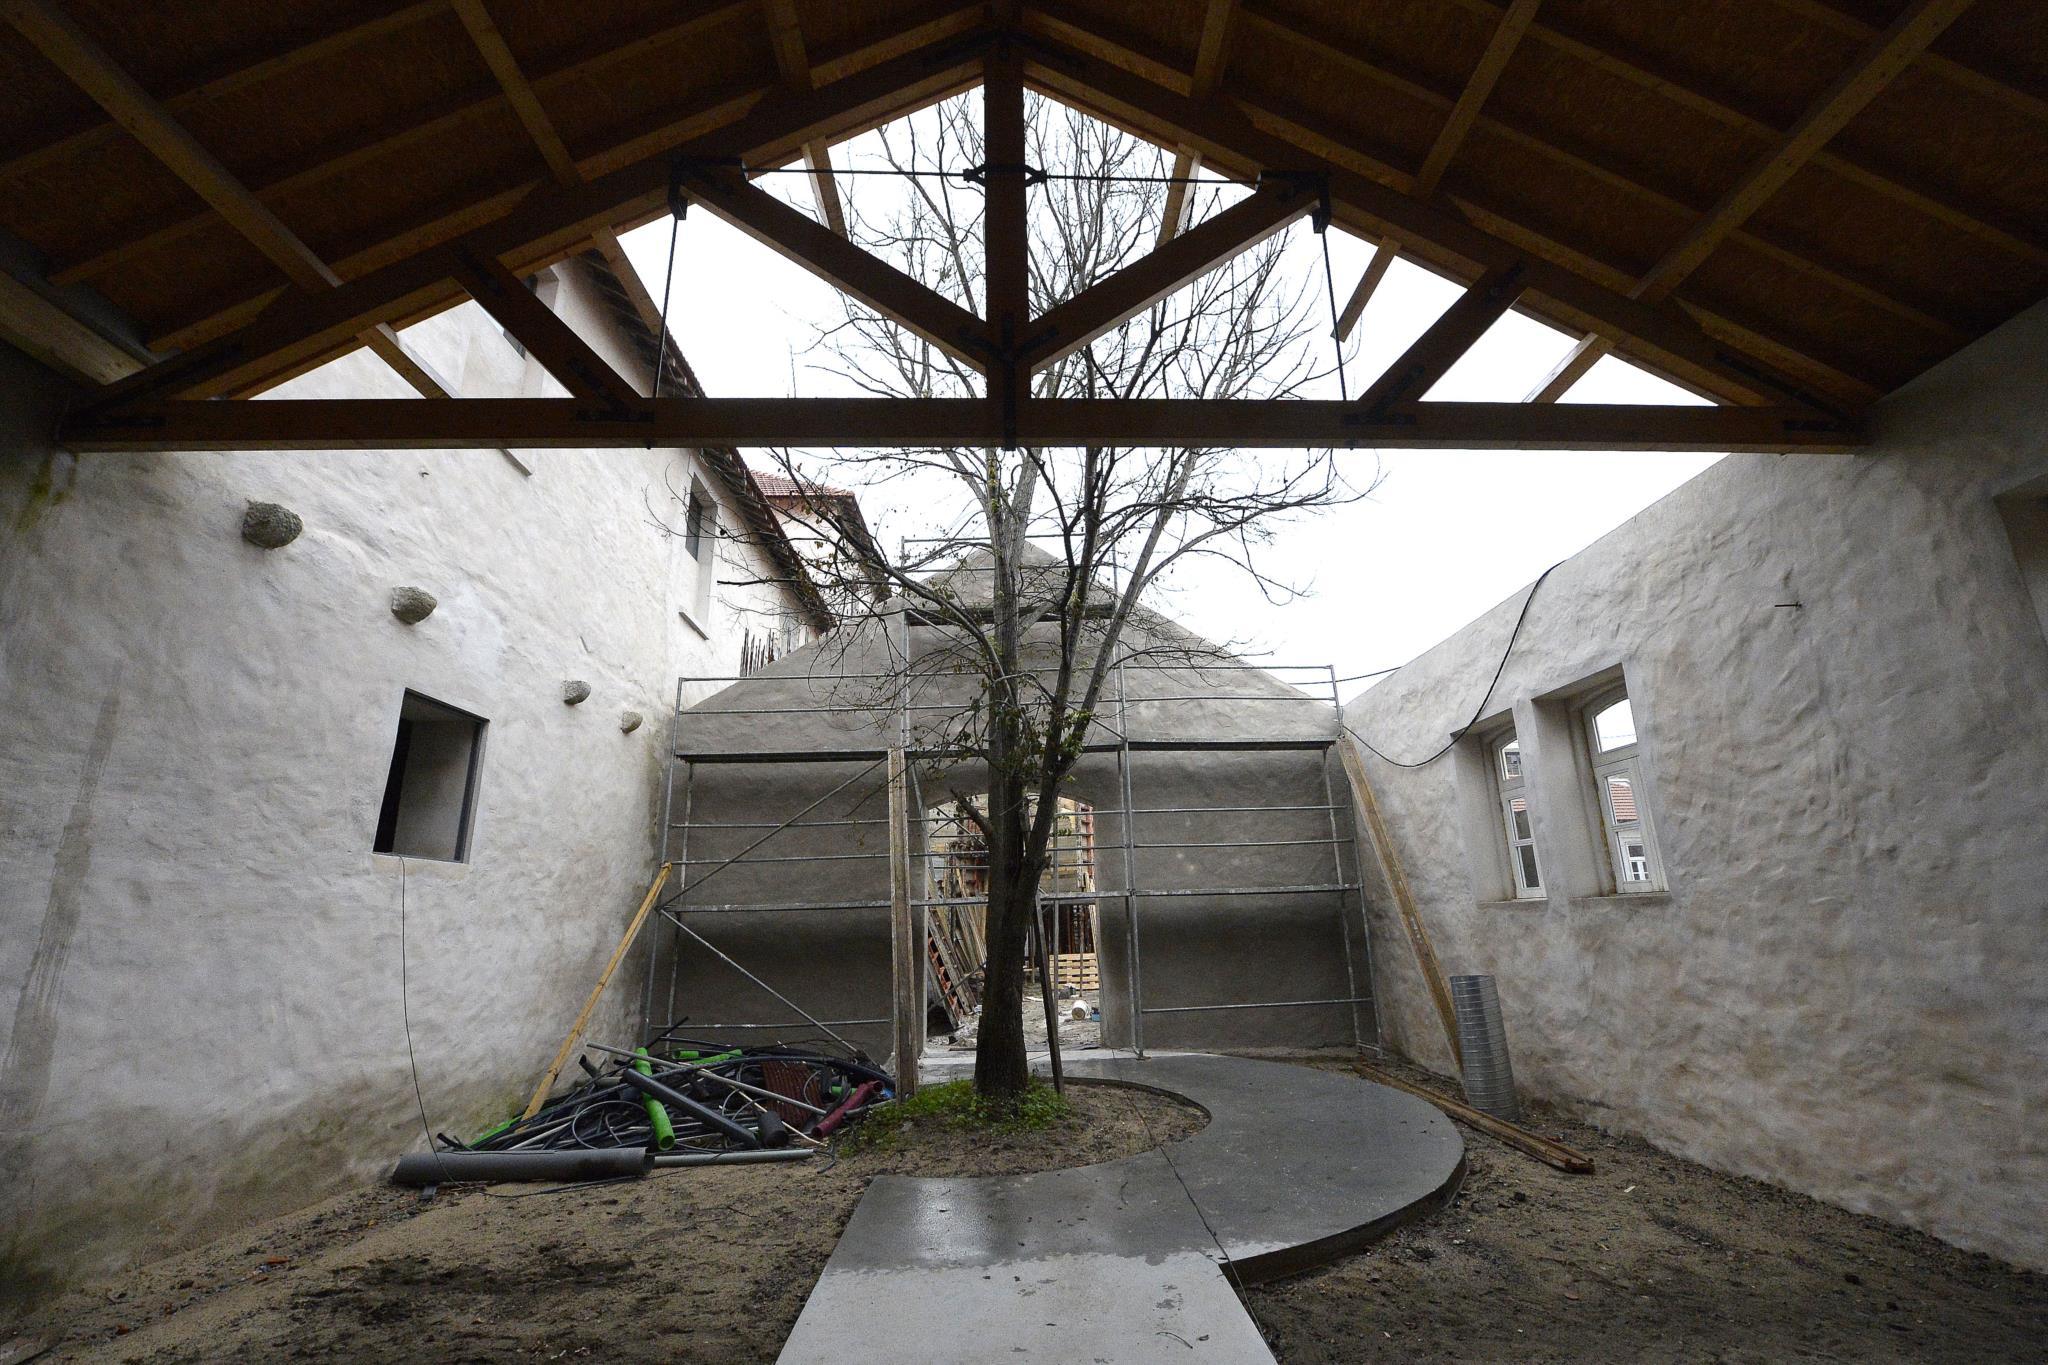 PÚBLICO - Casa da Arquitectura adia inauguração para Outubro